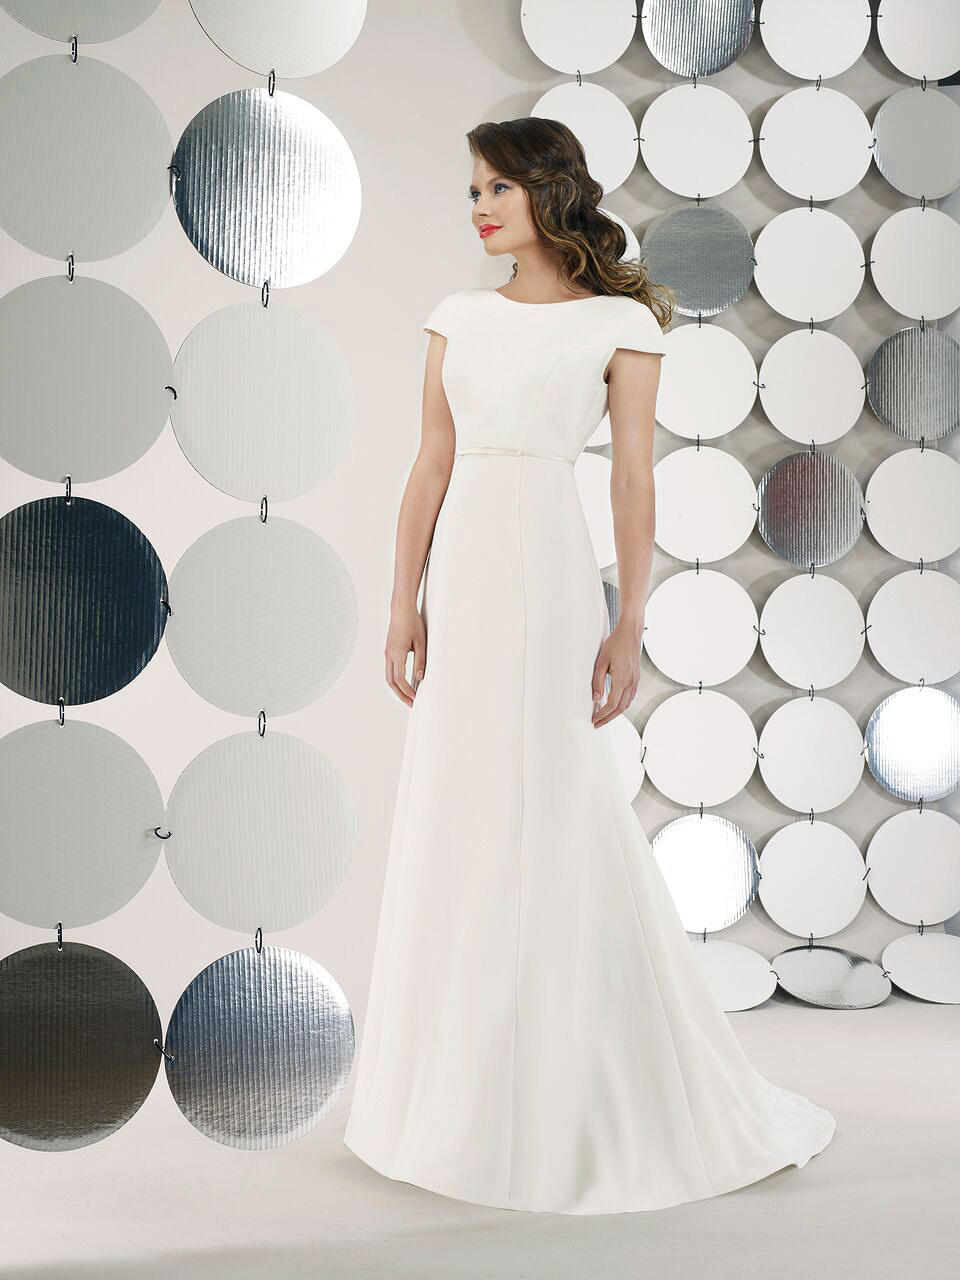 steven birnbaum bridal wedding dress fall 2018 cap sleeves a line high neck